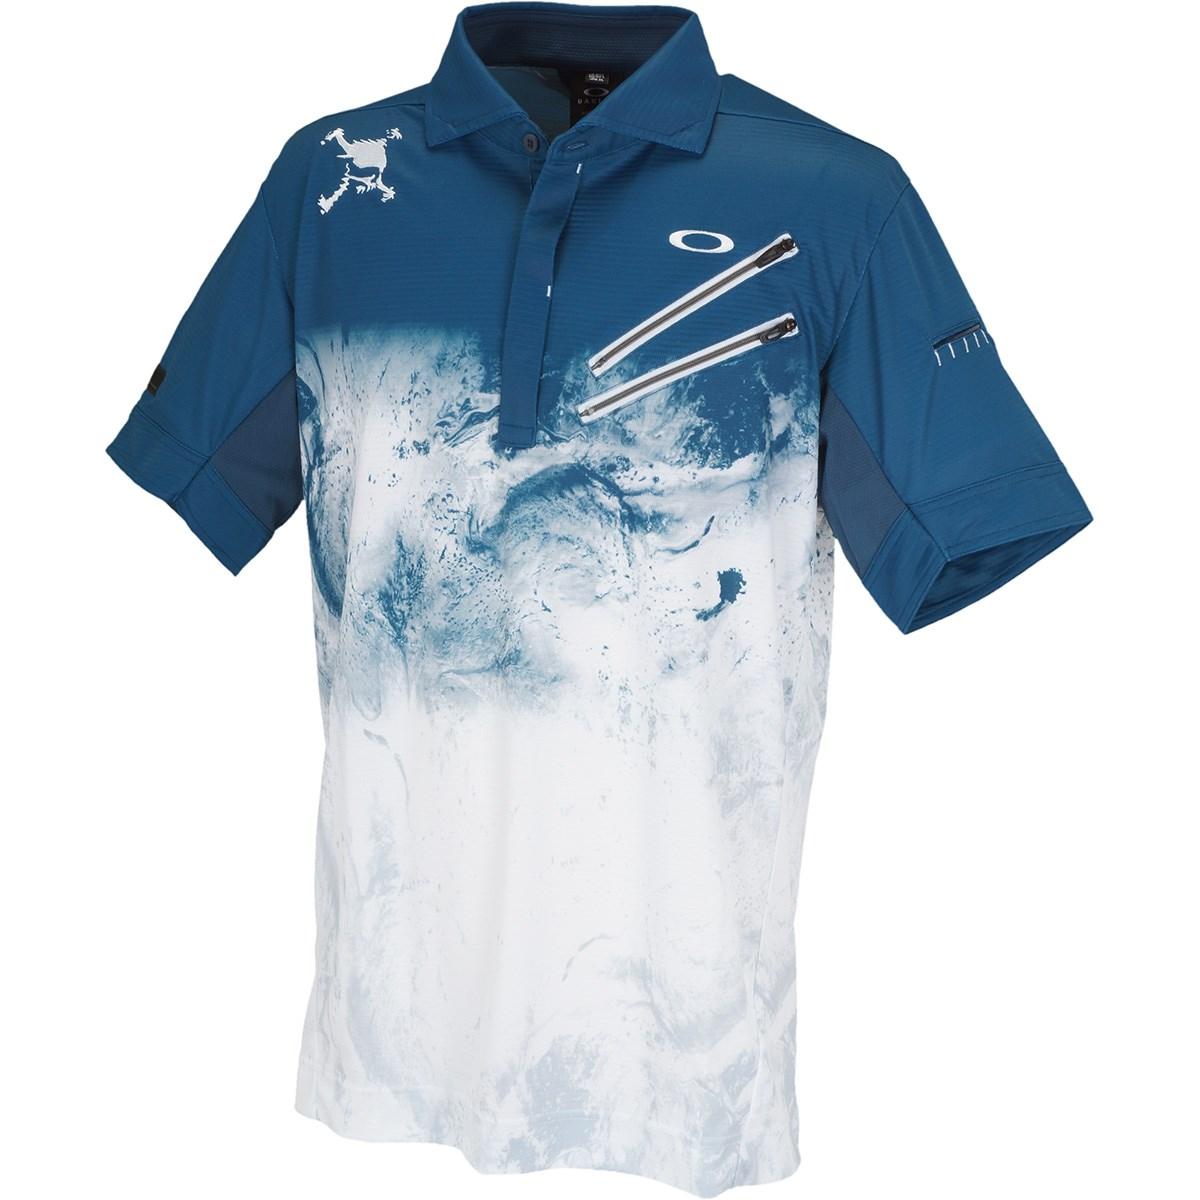 オークリー Skull スカル EXPLODE 半袖ポロシャツ US・EU/S ブループリント 62K